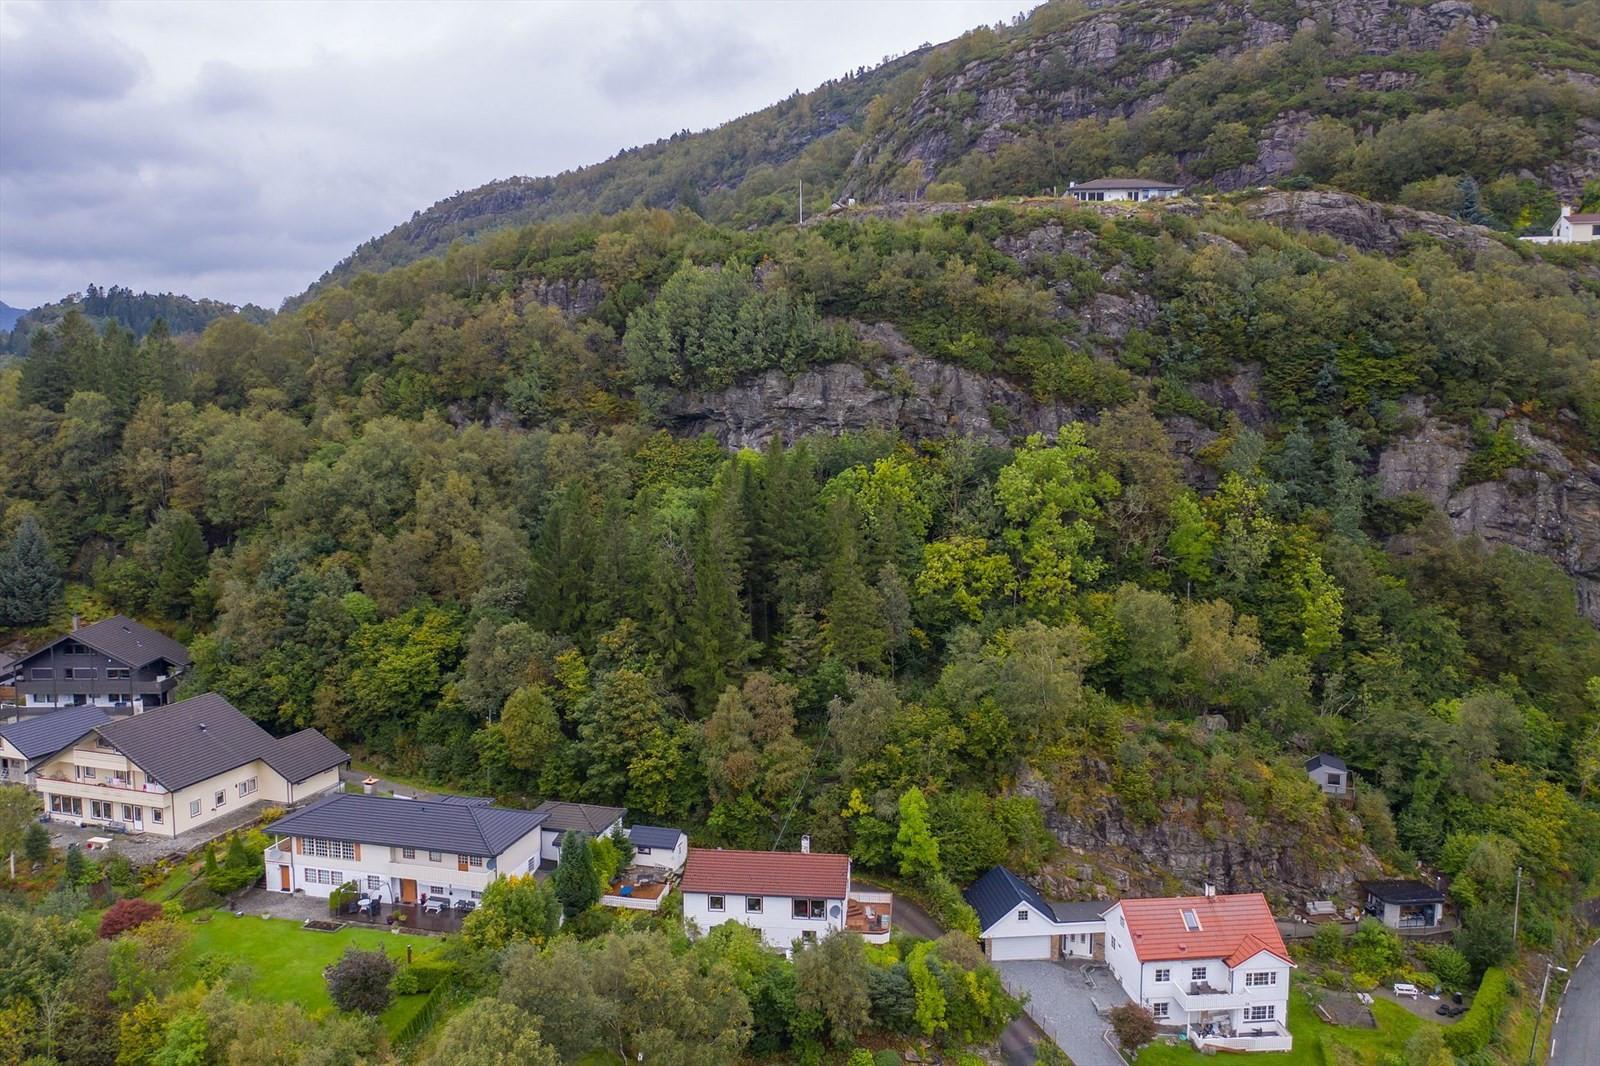 Nr. 41  ligger på oppsiden av bebyggelsen i bildet.